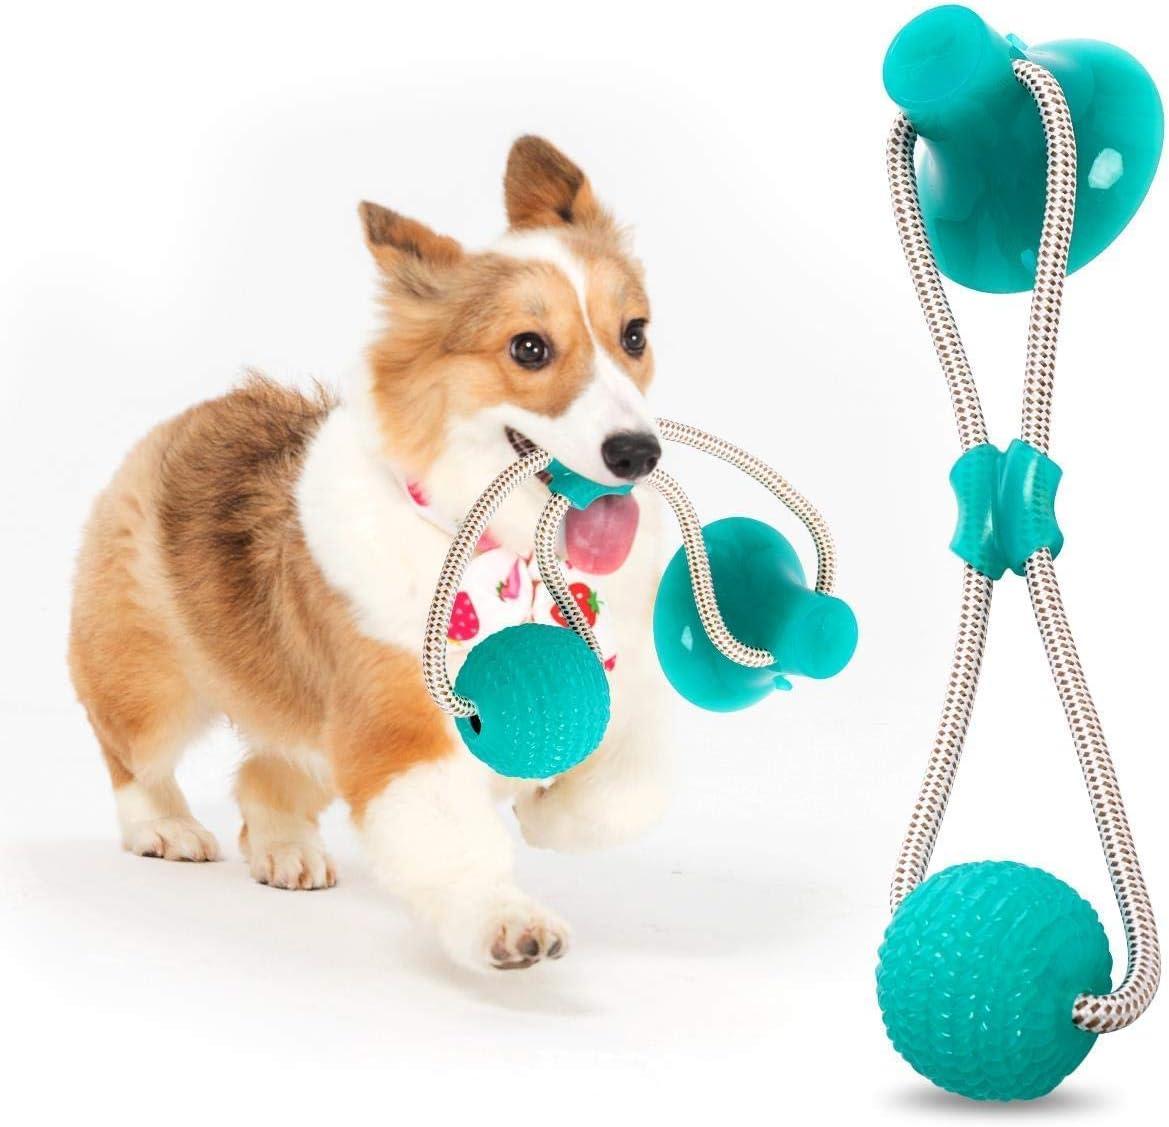 GHONLZIN Multifunction Pet Molar Bite Toy, Juguete Mordedor Mascota, Juguete Multifuncional para mordedura de Molar, Mordedura de Perro del Entrenamiento con Ventosa (Green)